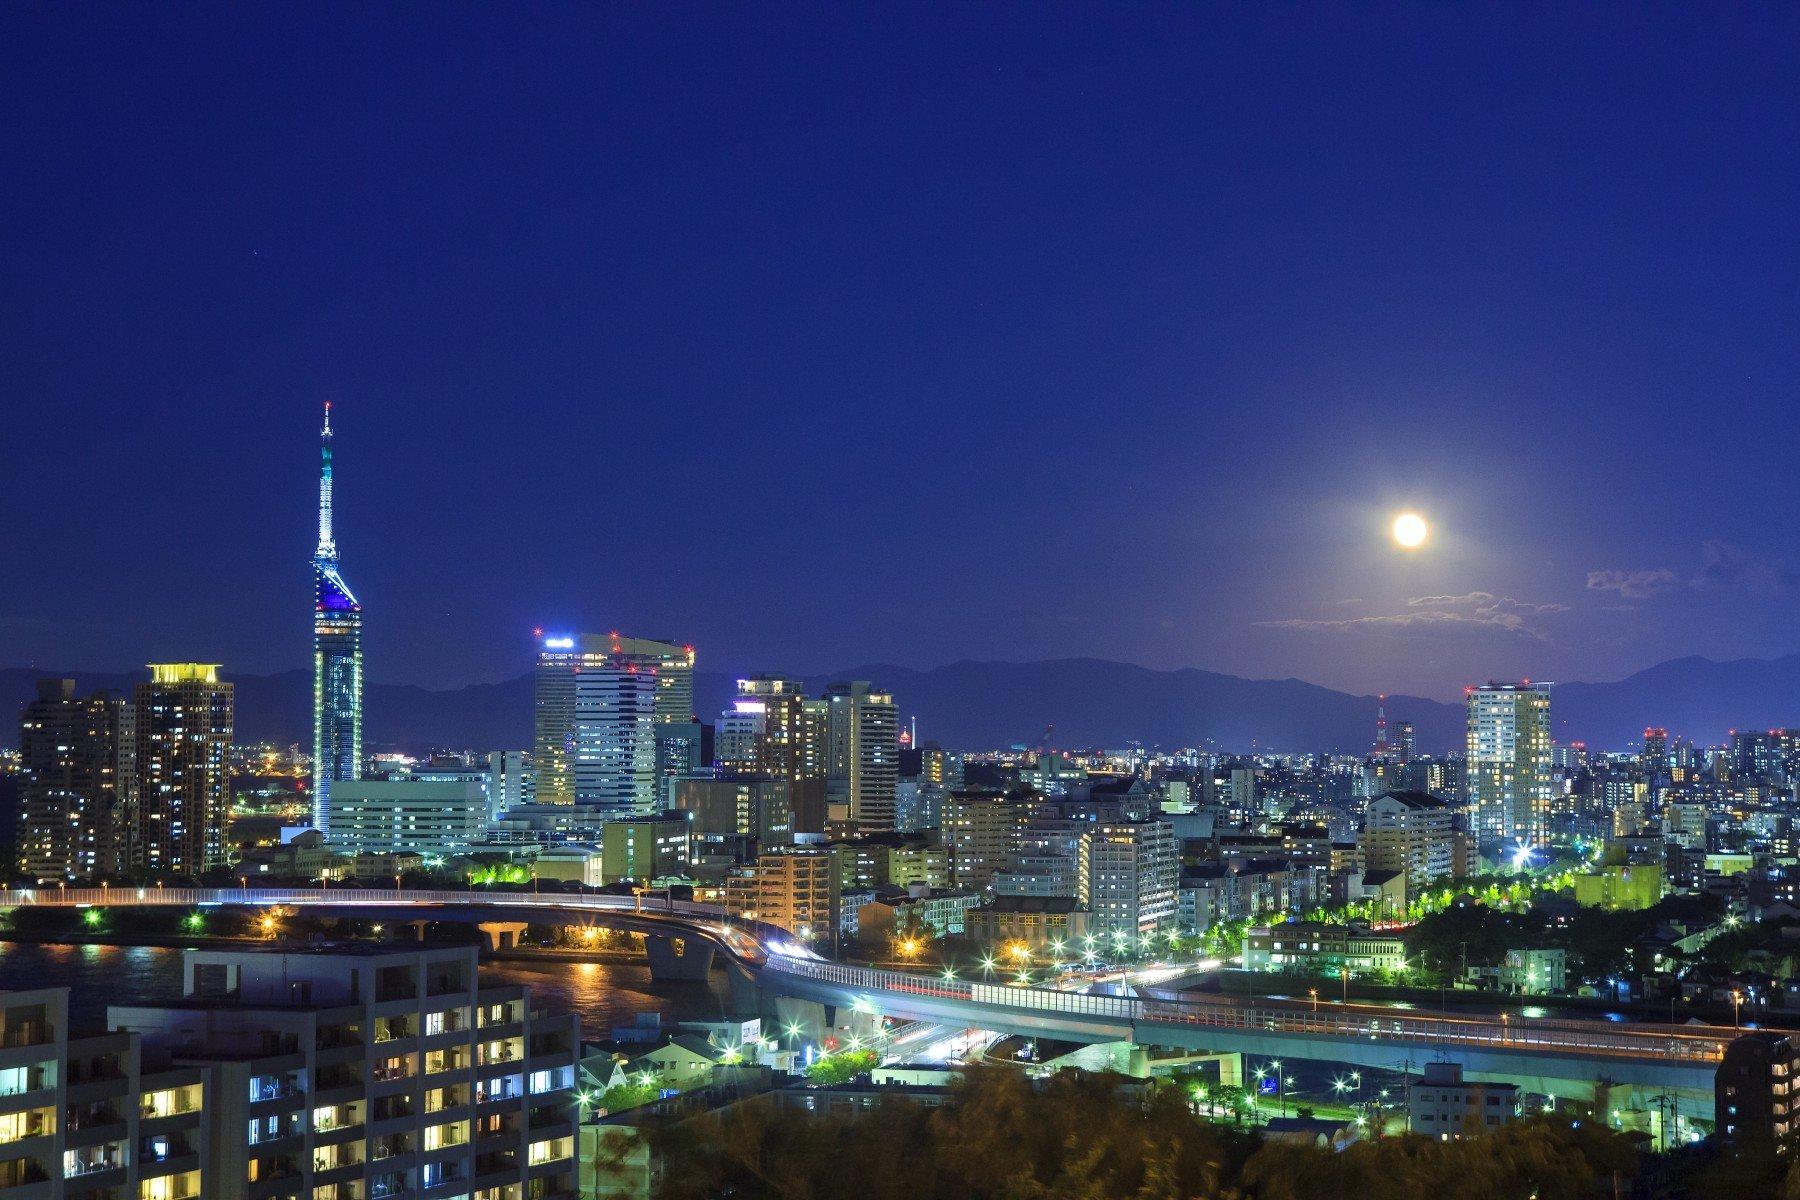 愛宕山から見た百道の夜景(2012)の画像